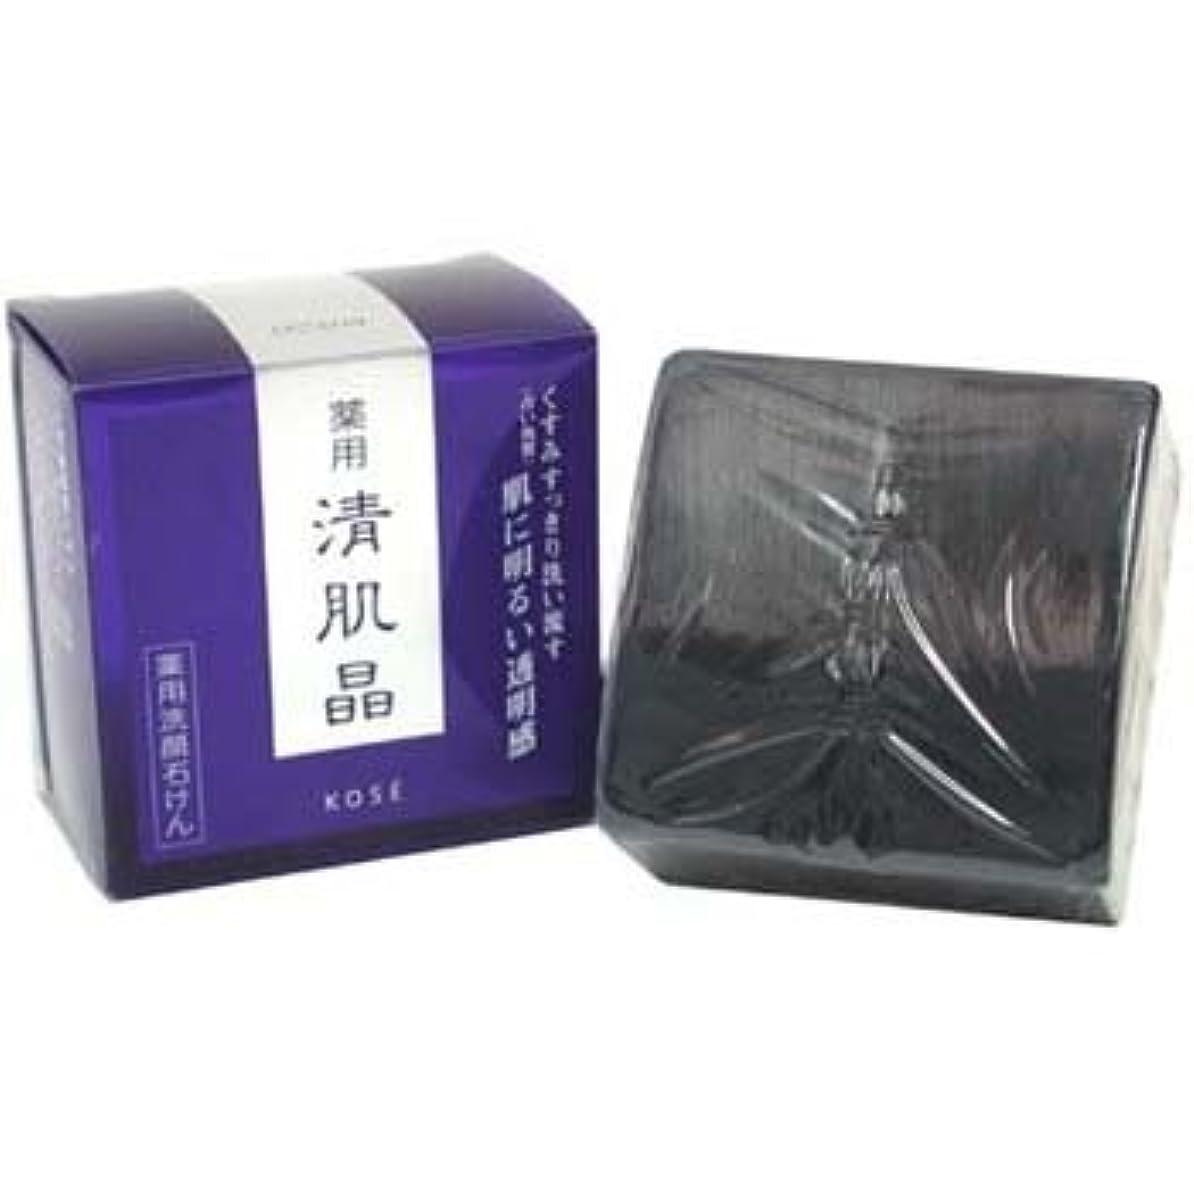 スピン聡明悲惨コーセー 薬用清肌晶 ソープ(リフィル) 120g [並行輸入品][海外直送品]